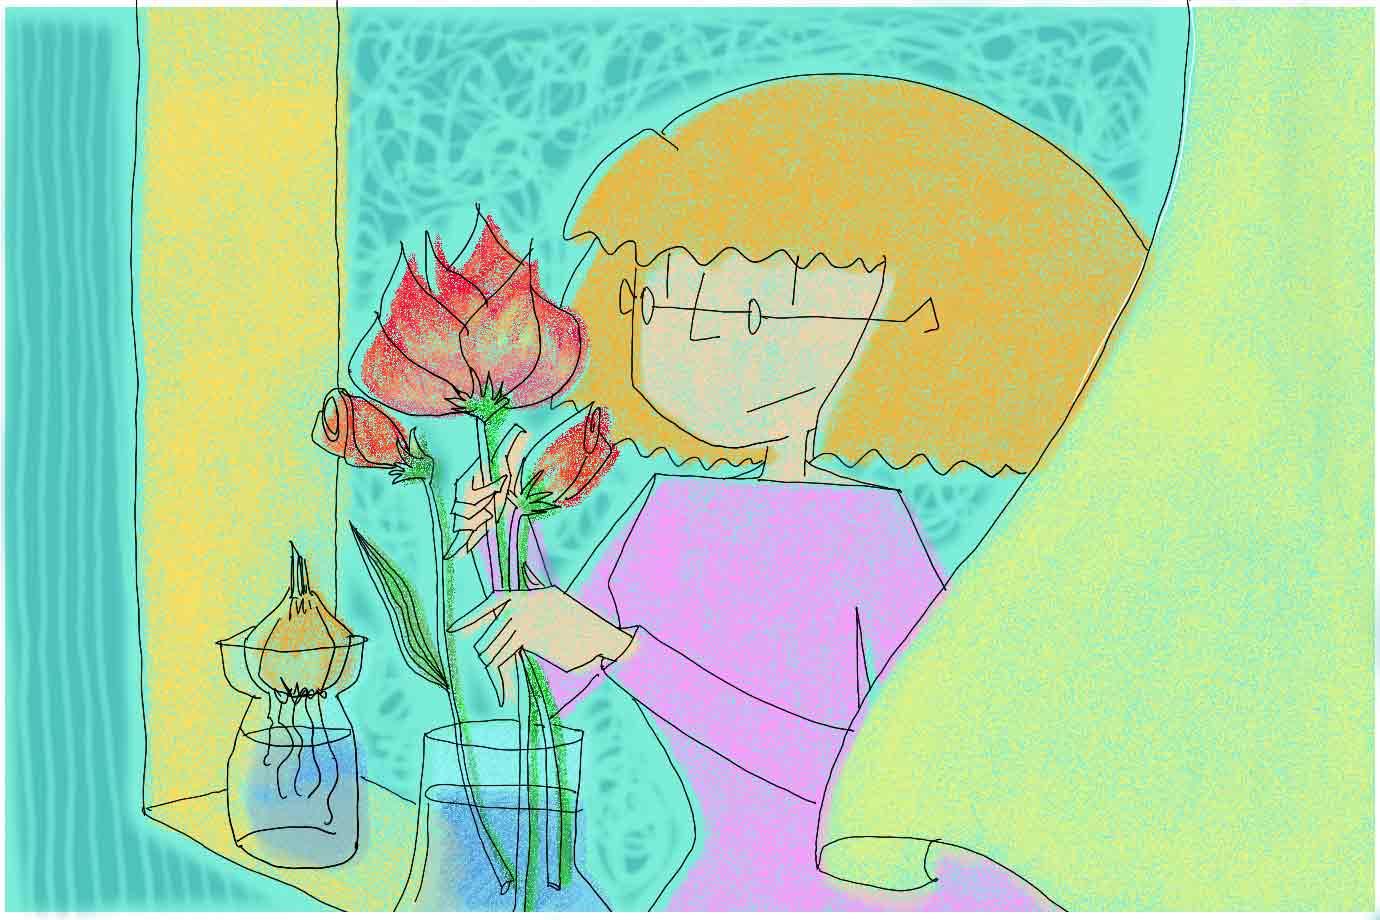 お花を定期的に飾るようにしたら、自然と気持ちも上がるように